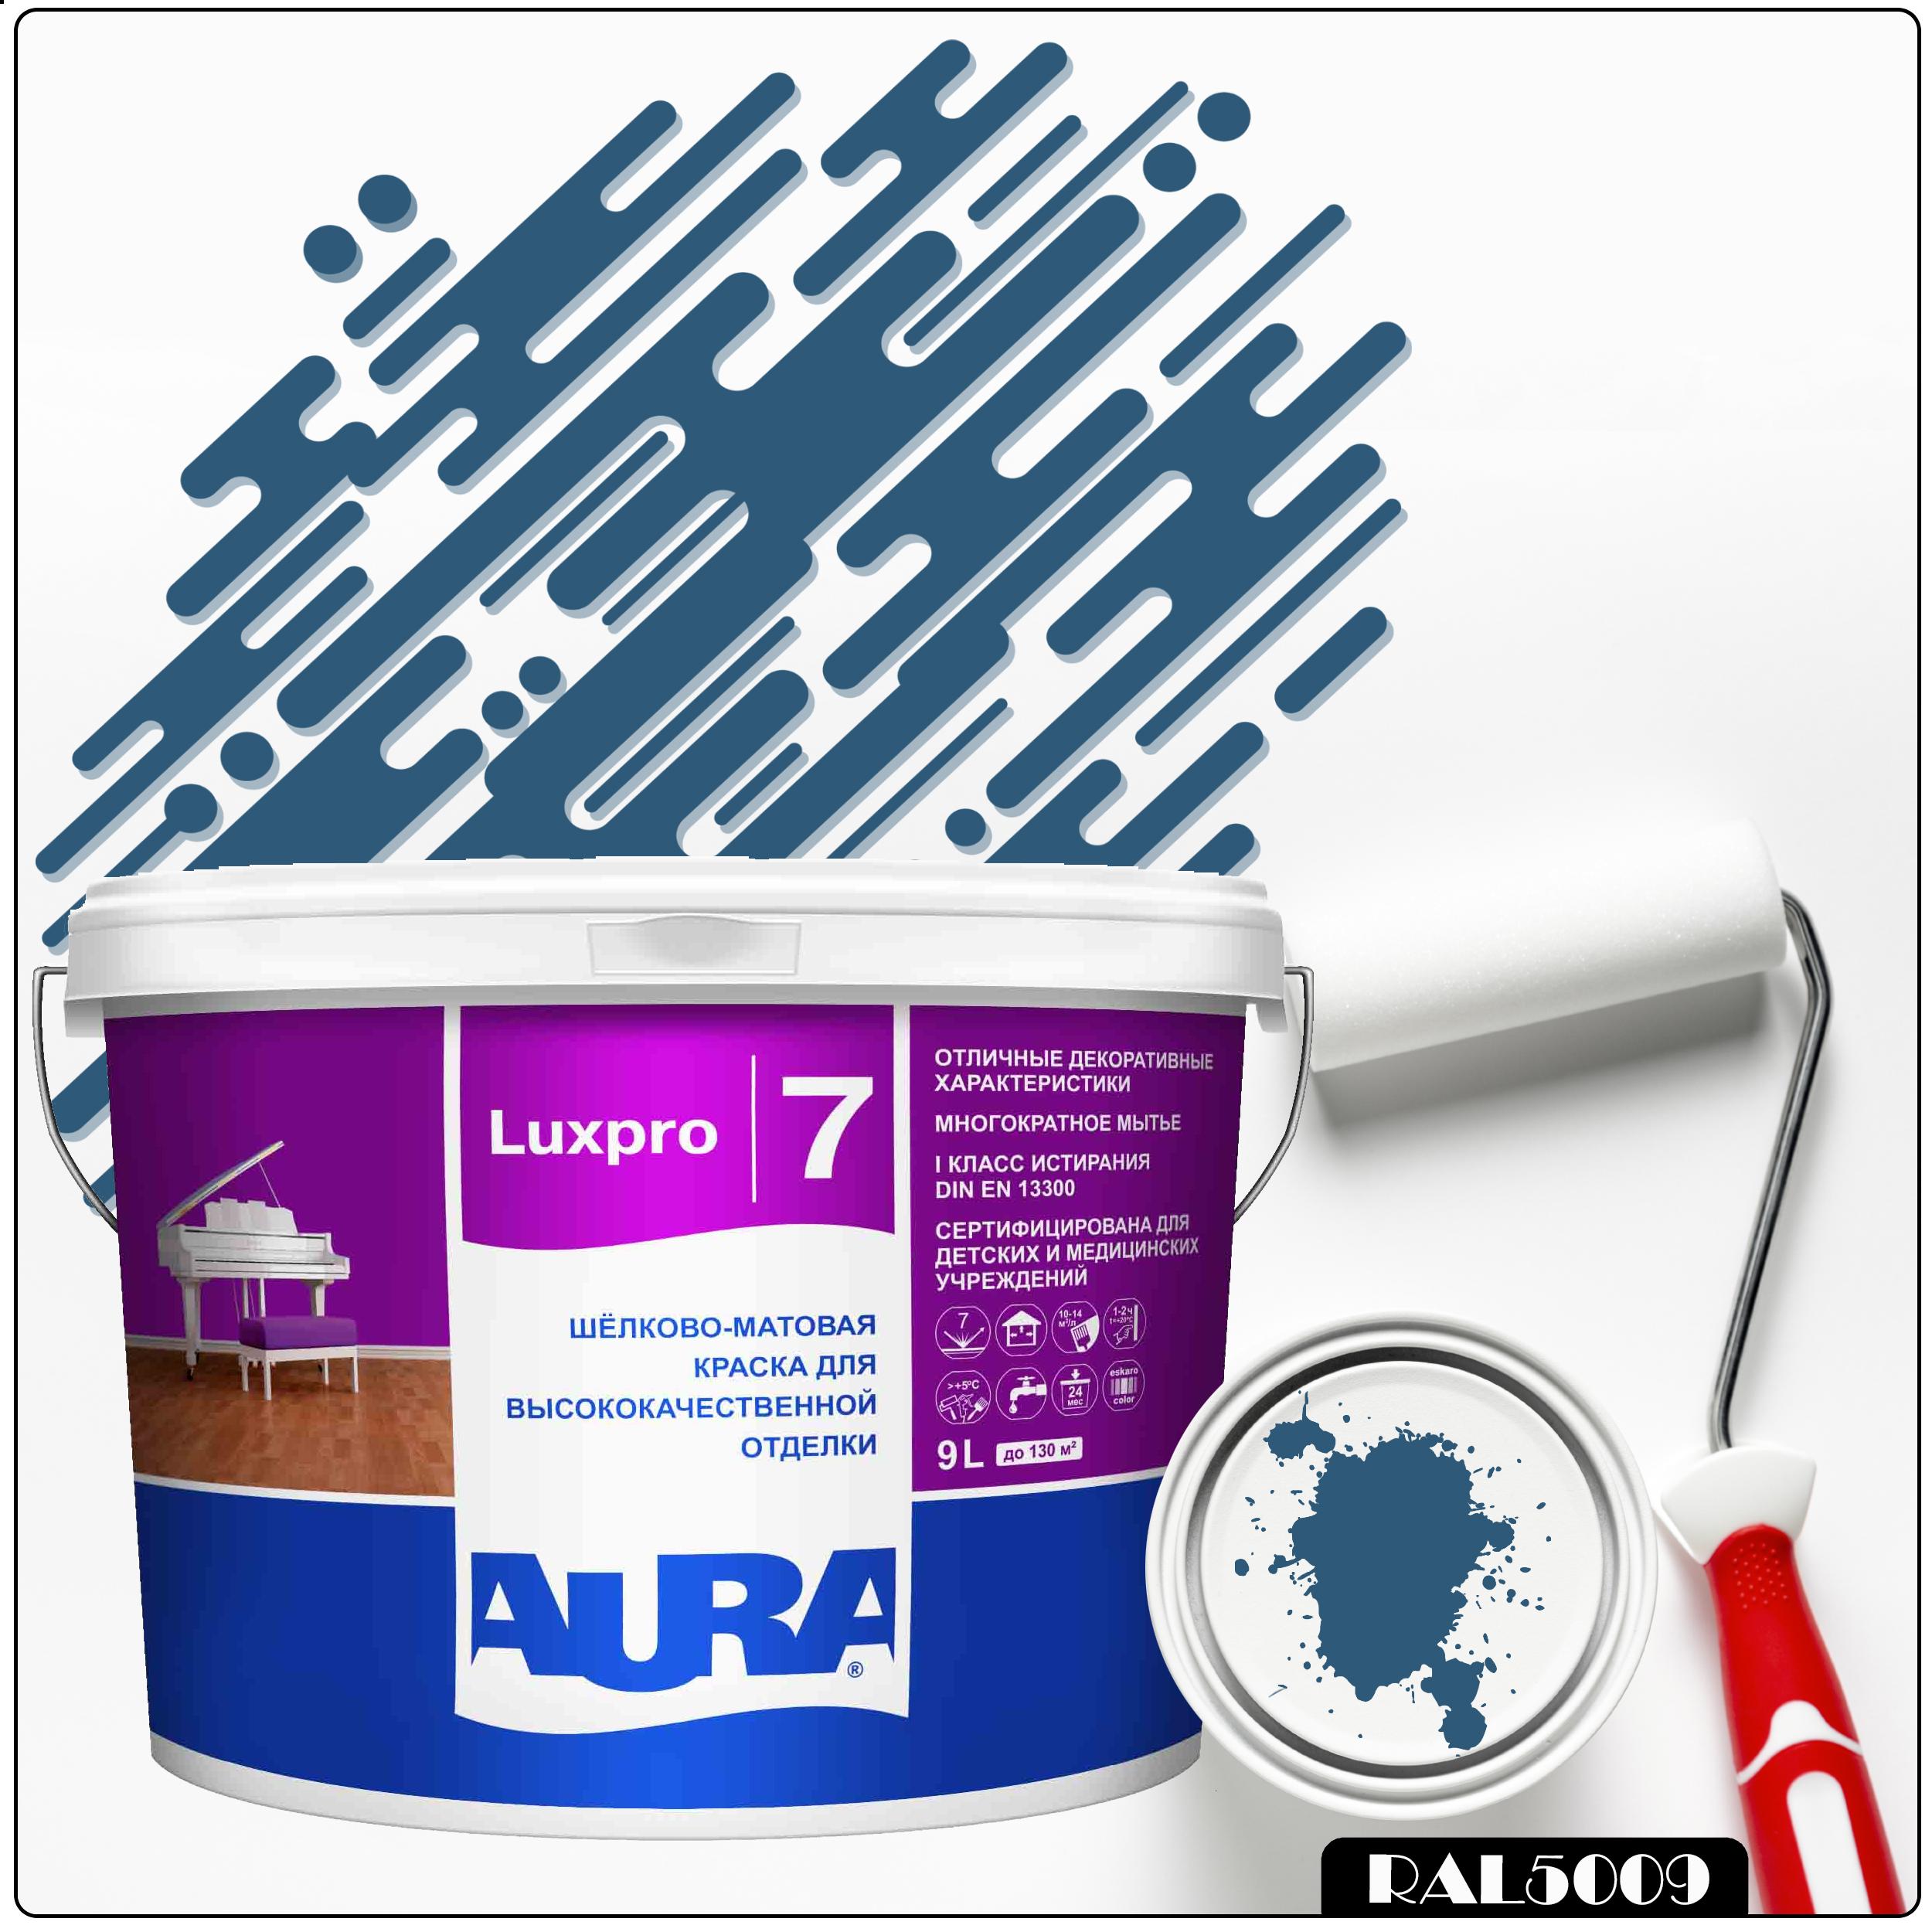 Фото 9 - Краска Aura LuxPRO 7, RAL 5009 Лазурно-синий, латексная, шелково-матовая, интерьерная, 9л, Аура.